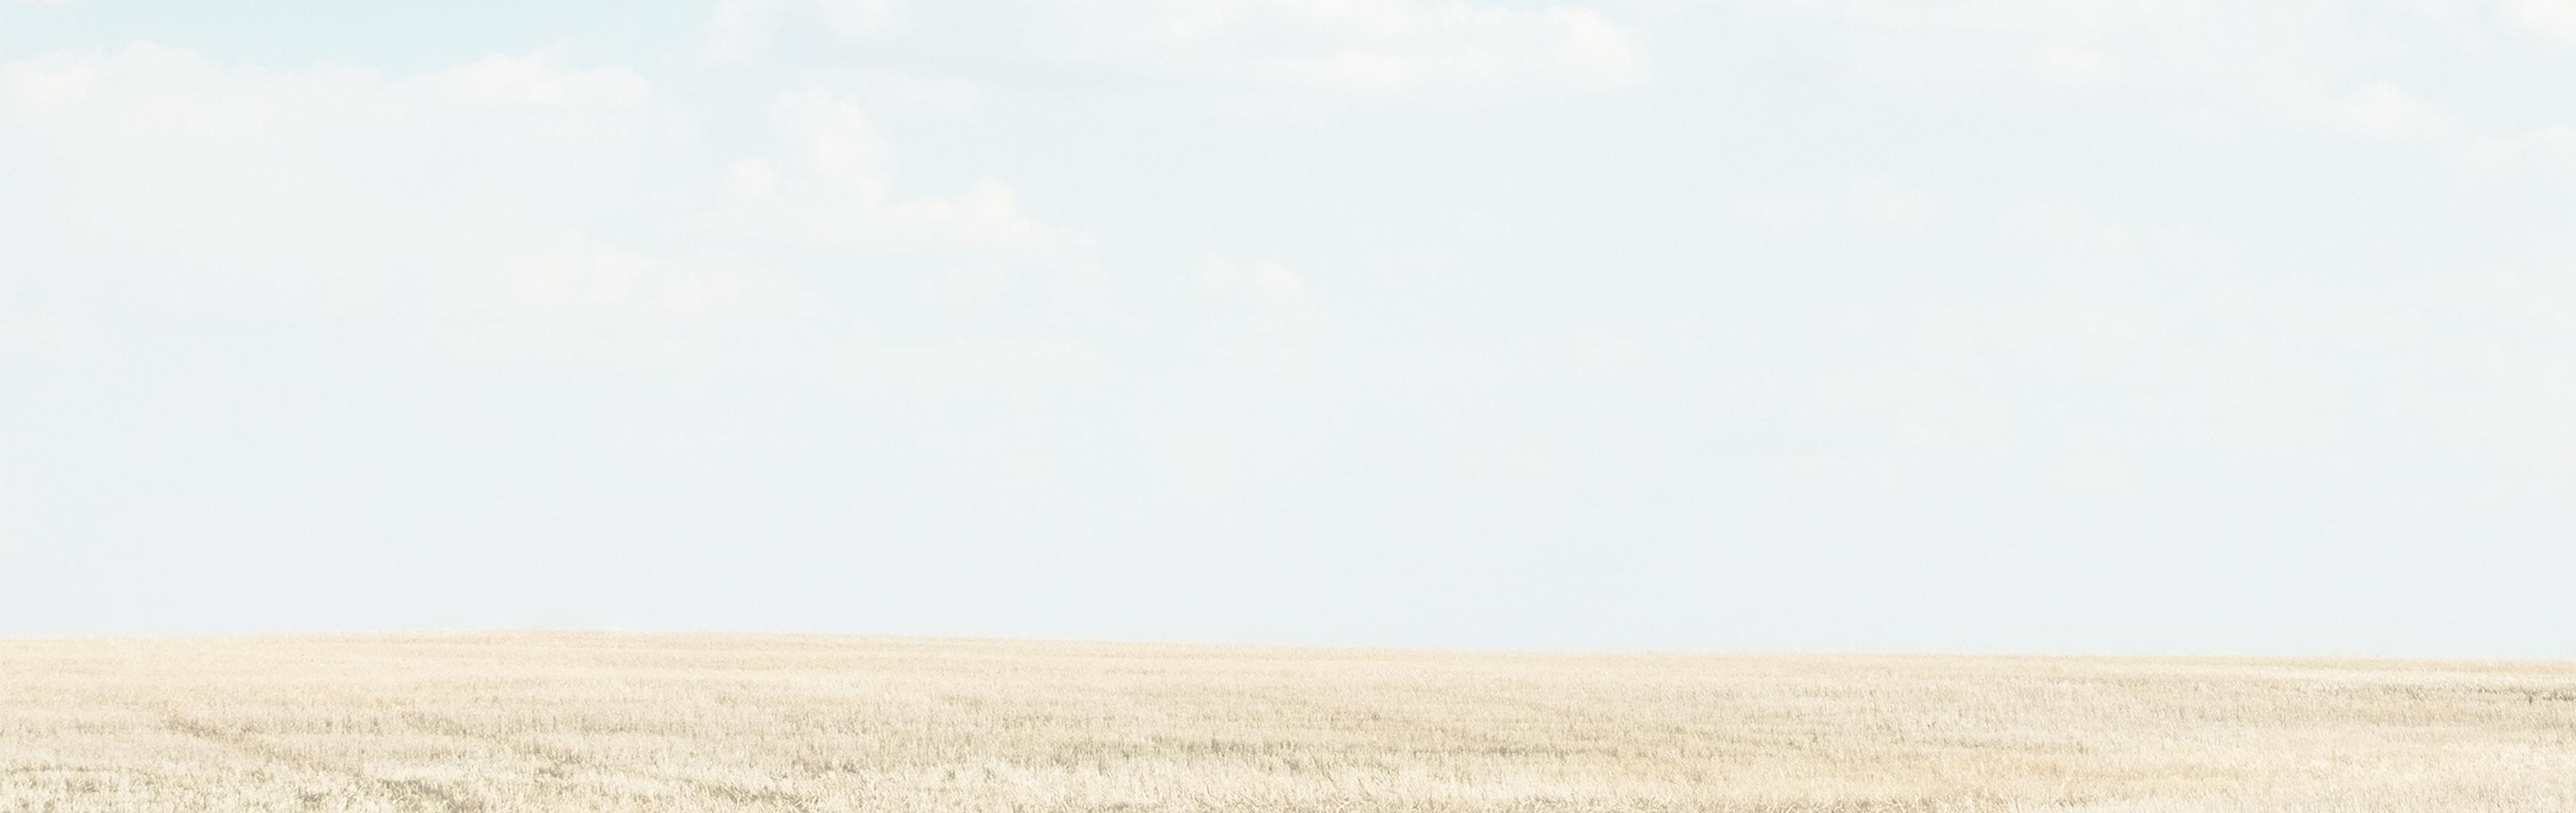 Farmland Management